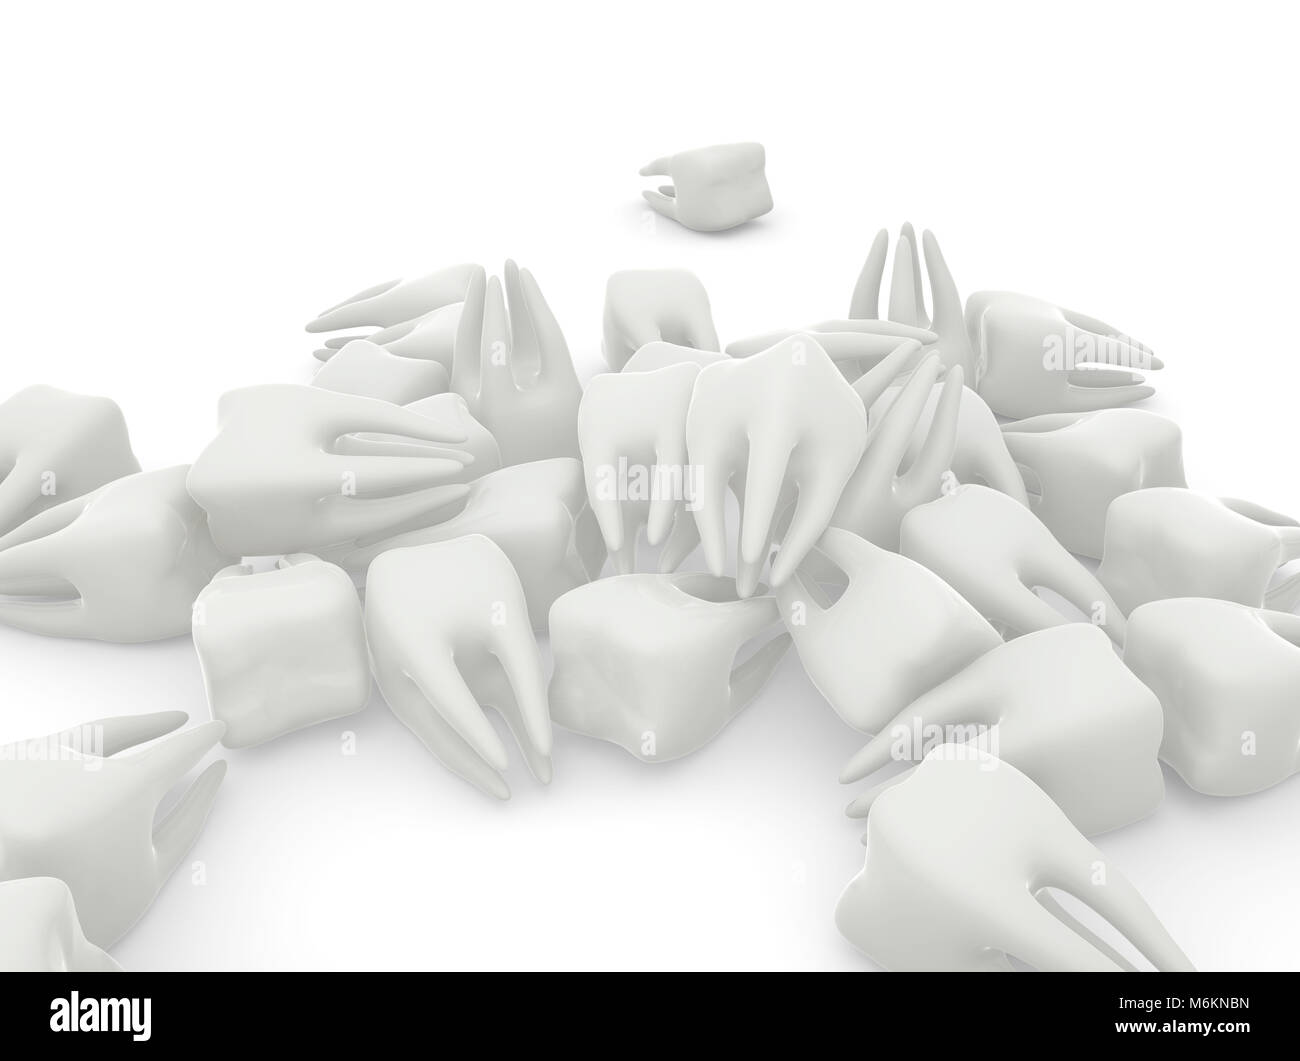 Many molars on white isolated background. 3D illustration - Stock Image